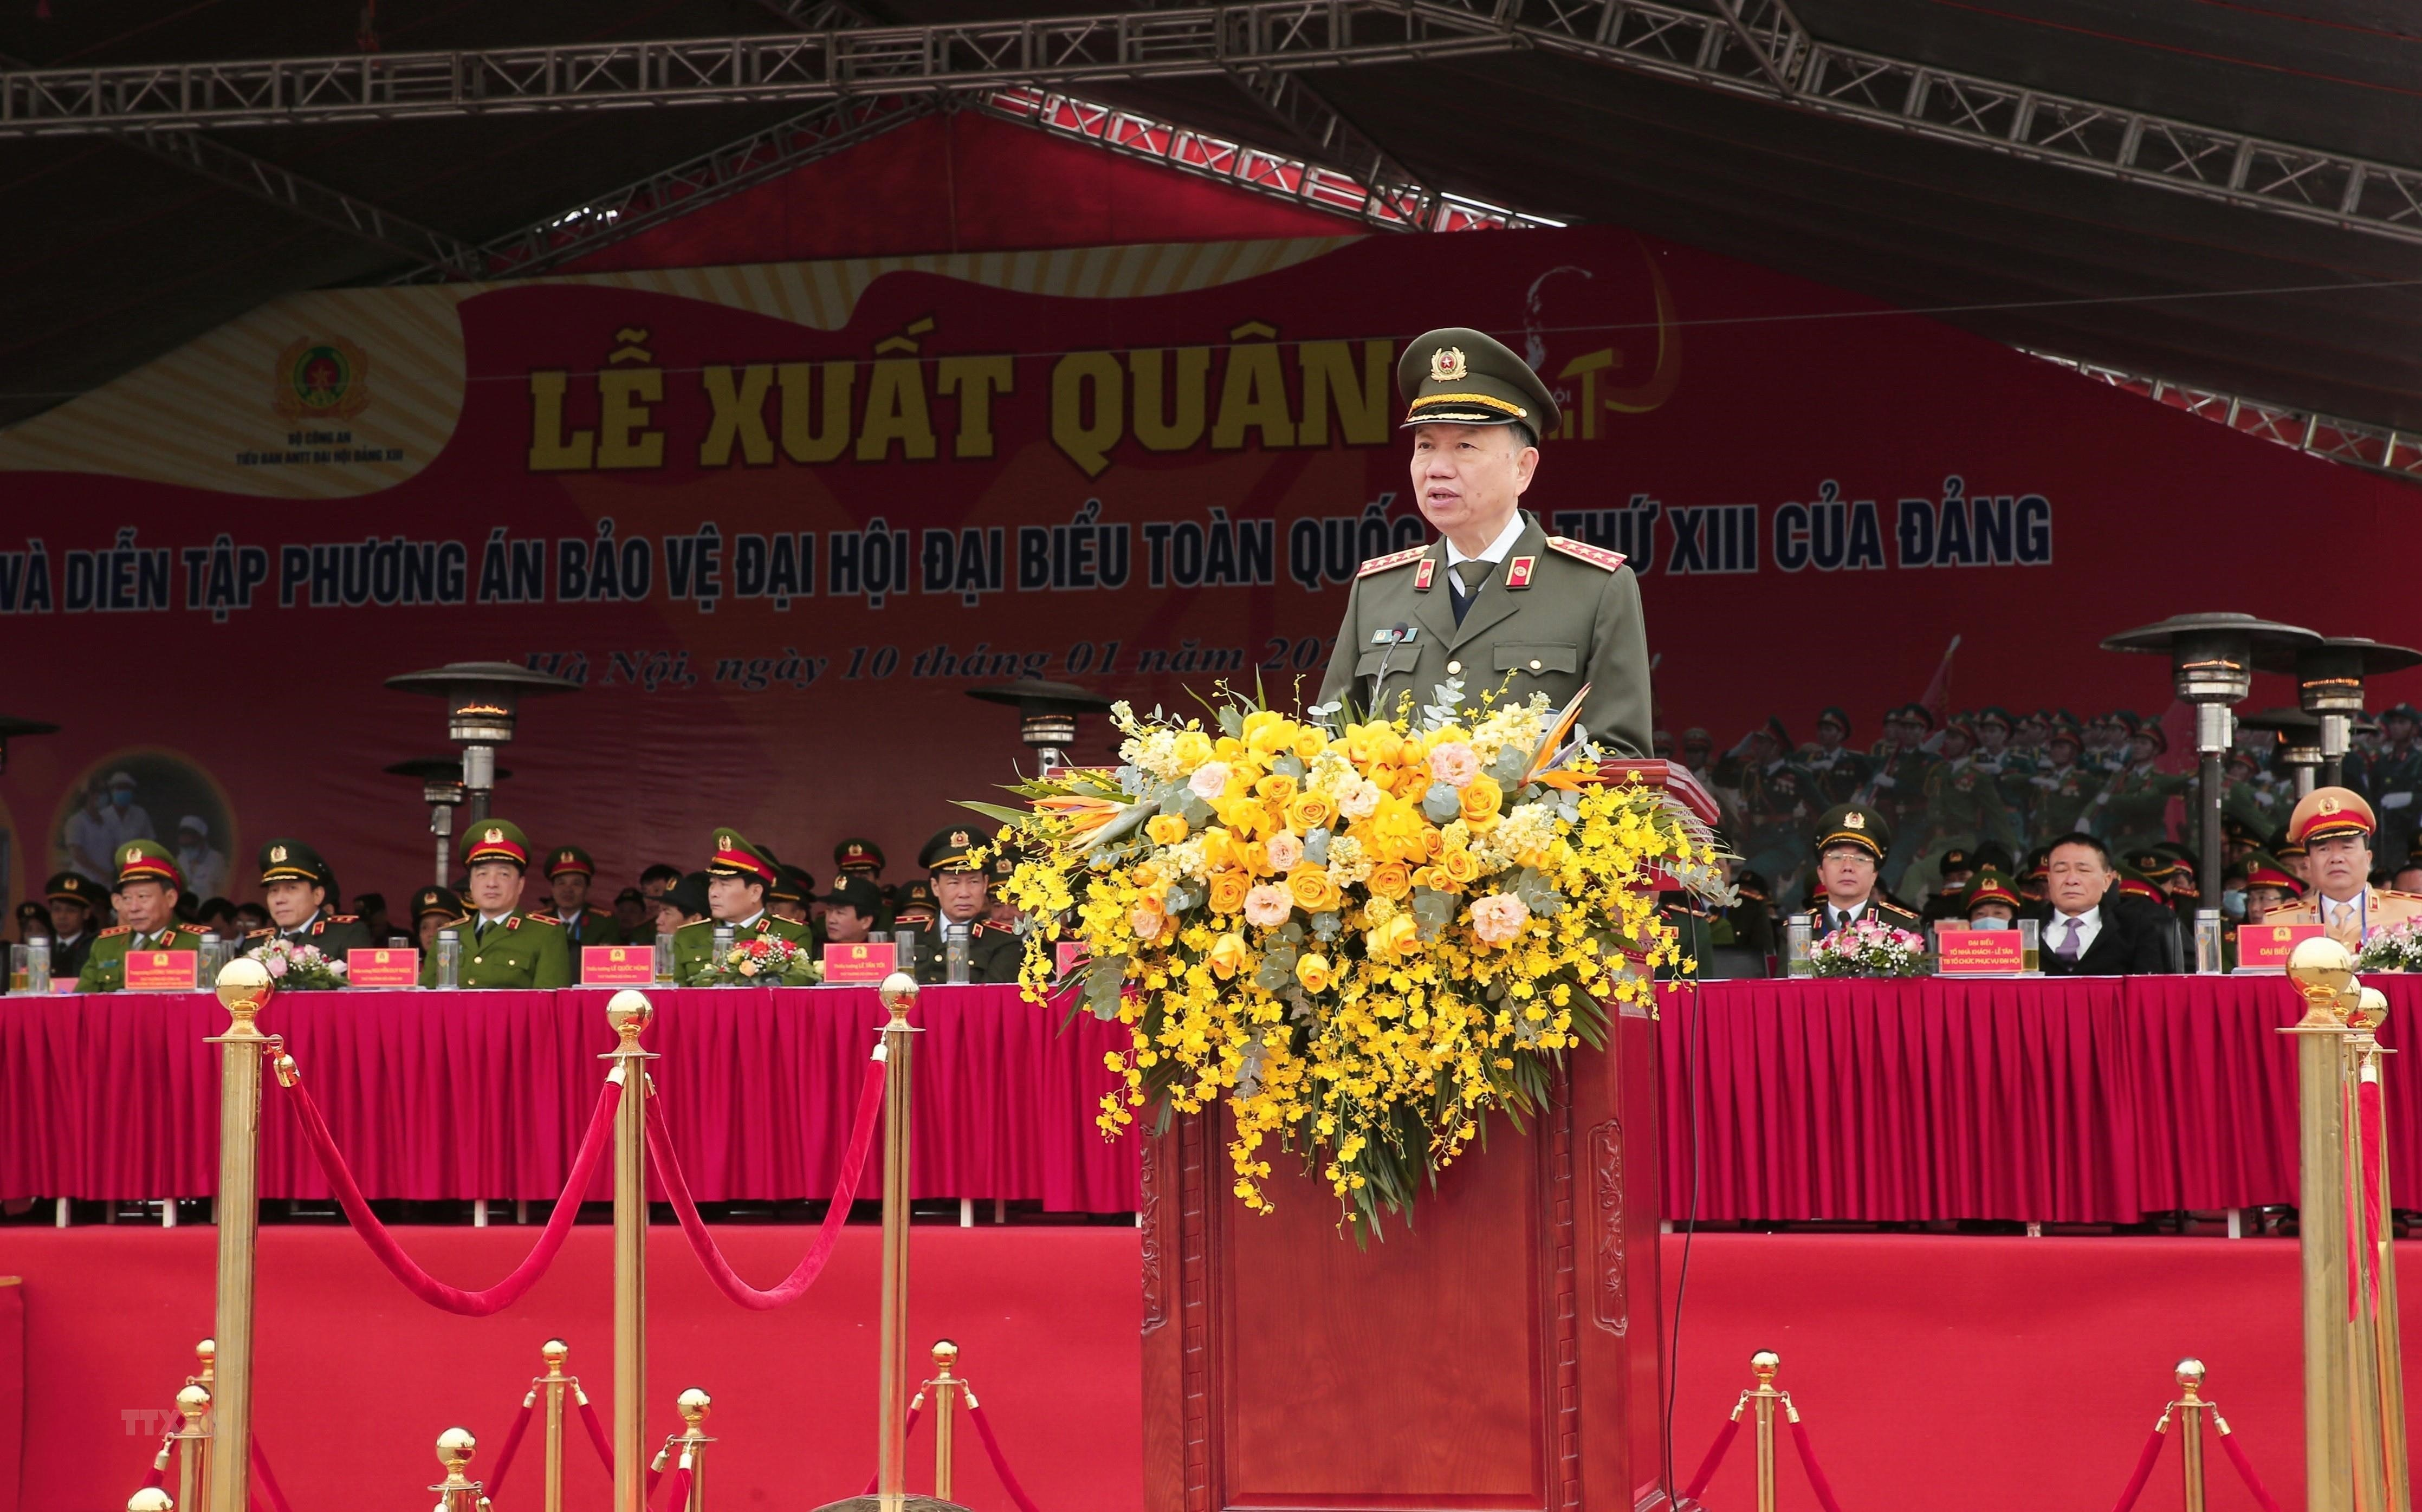 Le xuat quan, dien tap phuong an bao ve Dai hoi lan thu XIII cua Dang hinh anh 2